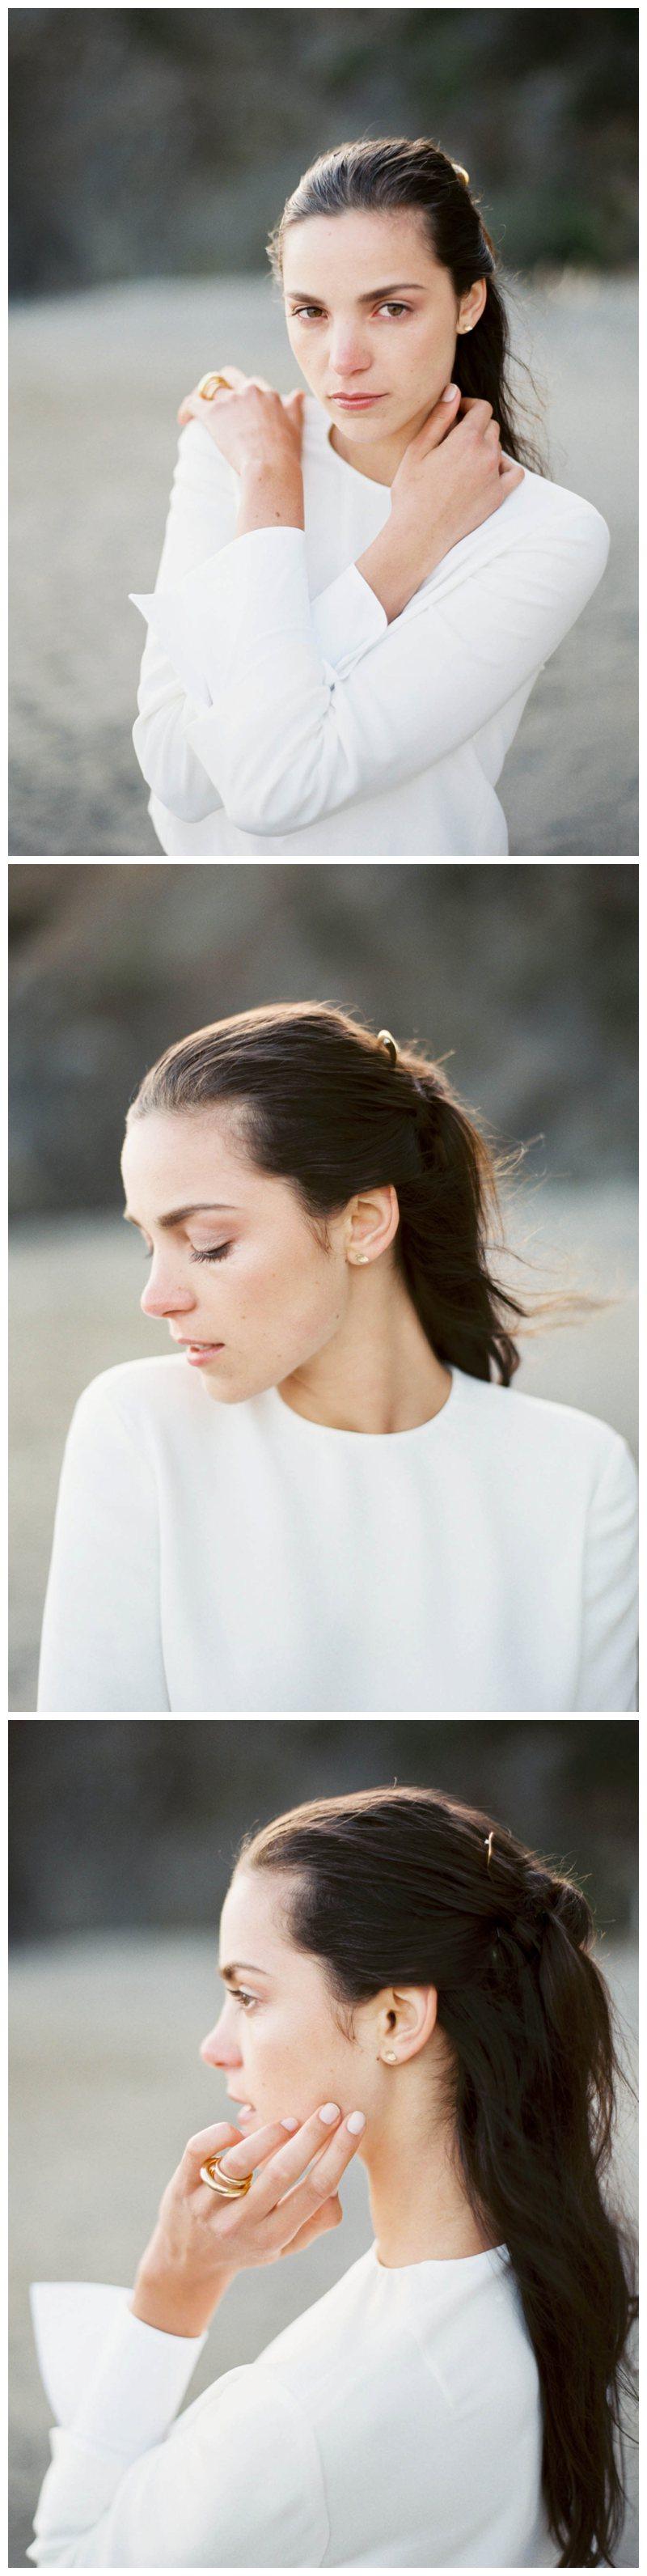 The Modern Bride | #erichmcveyworkshop styled by Ginny Au | www.ivyandgold.com California & Oregon Fine Art Film Wedding Photography